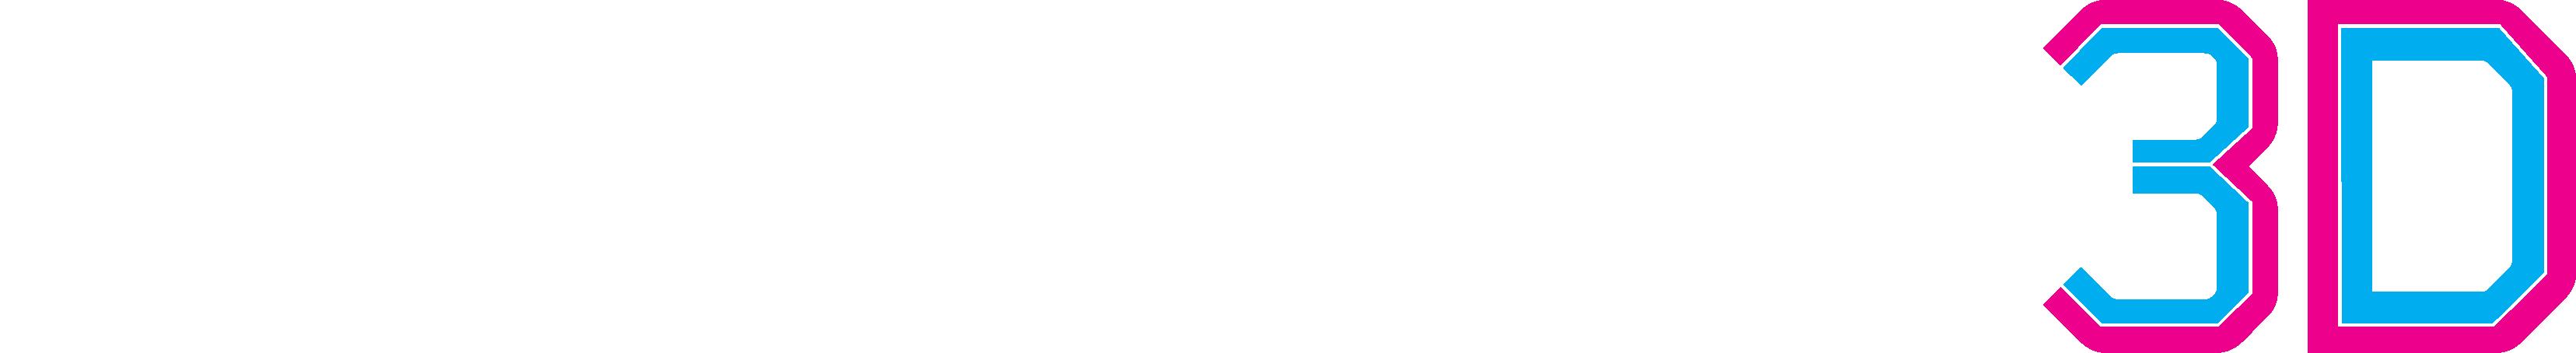 Develop3D Logo